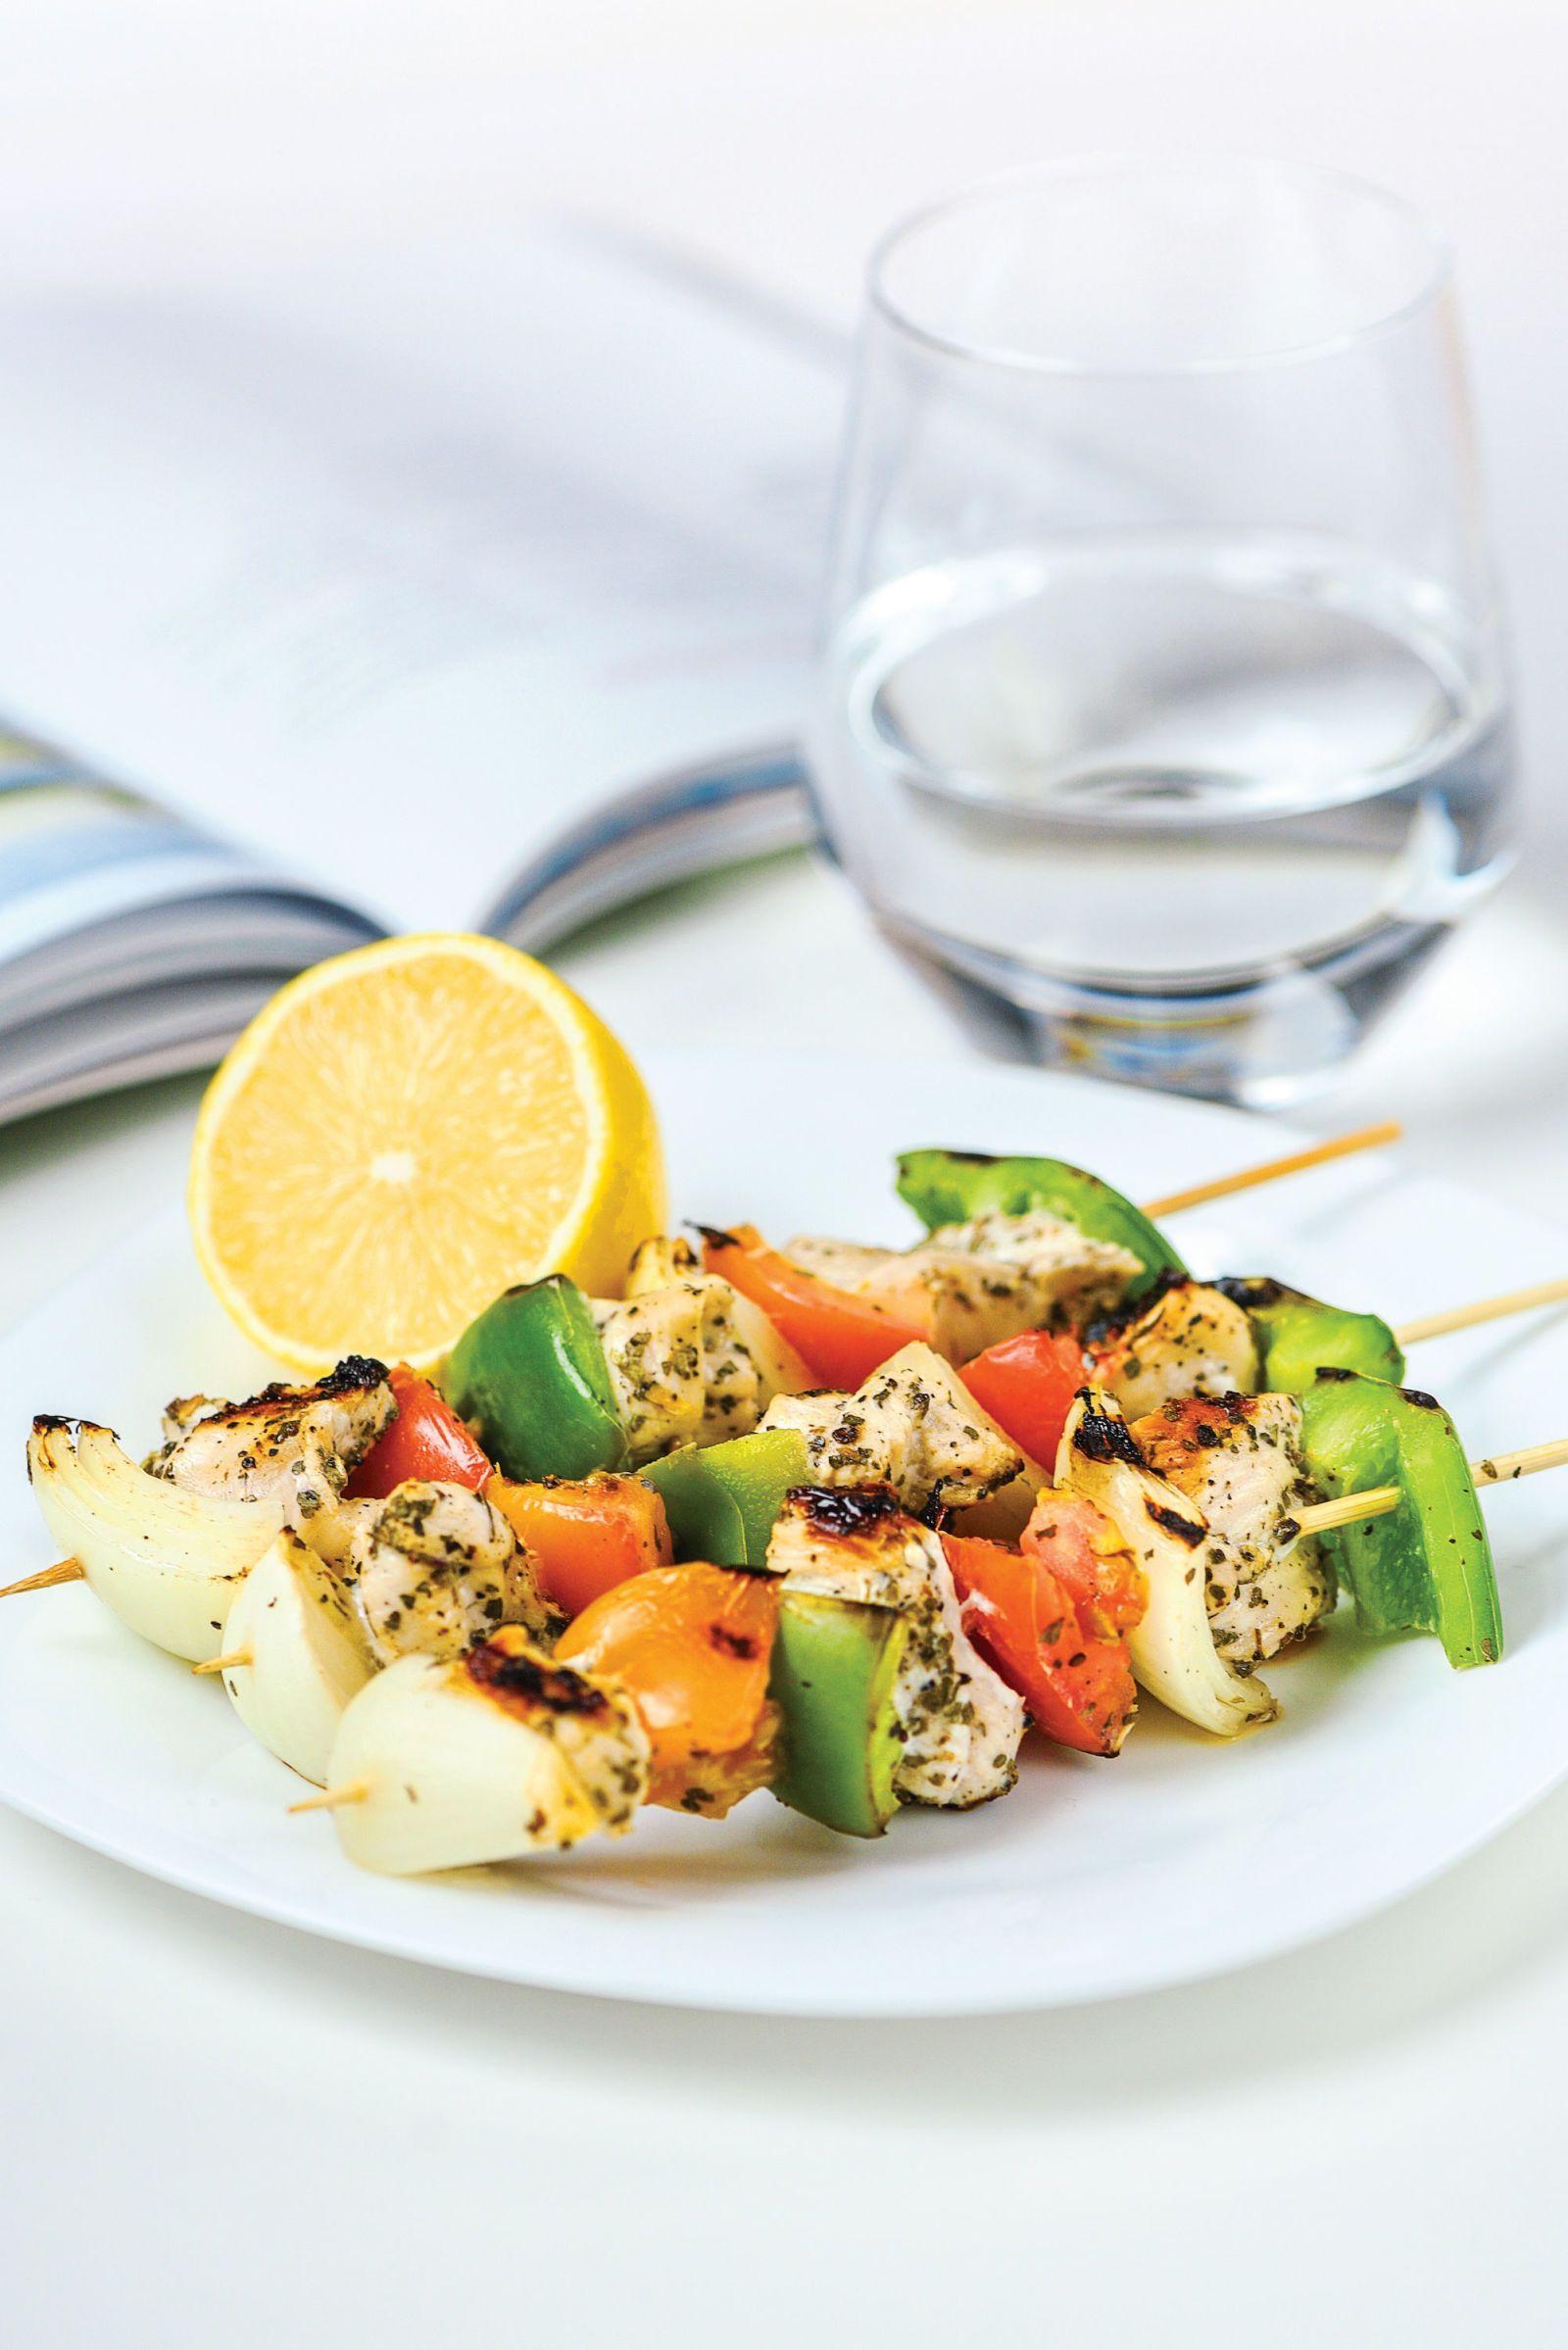 Weekly mediterranean diet meal book plan cookbook